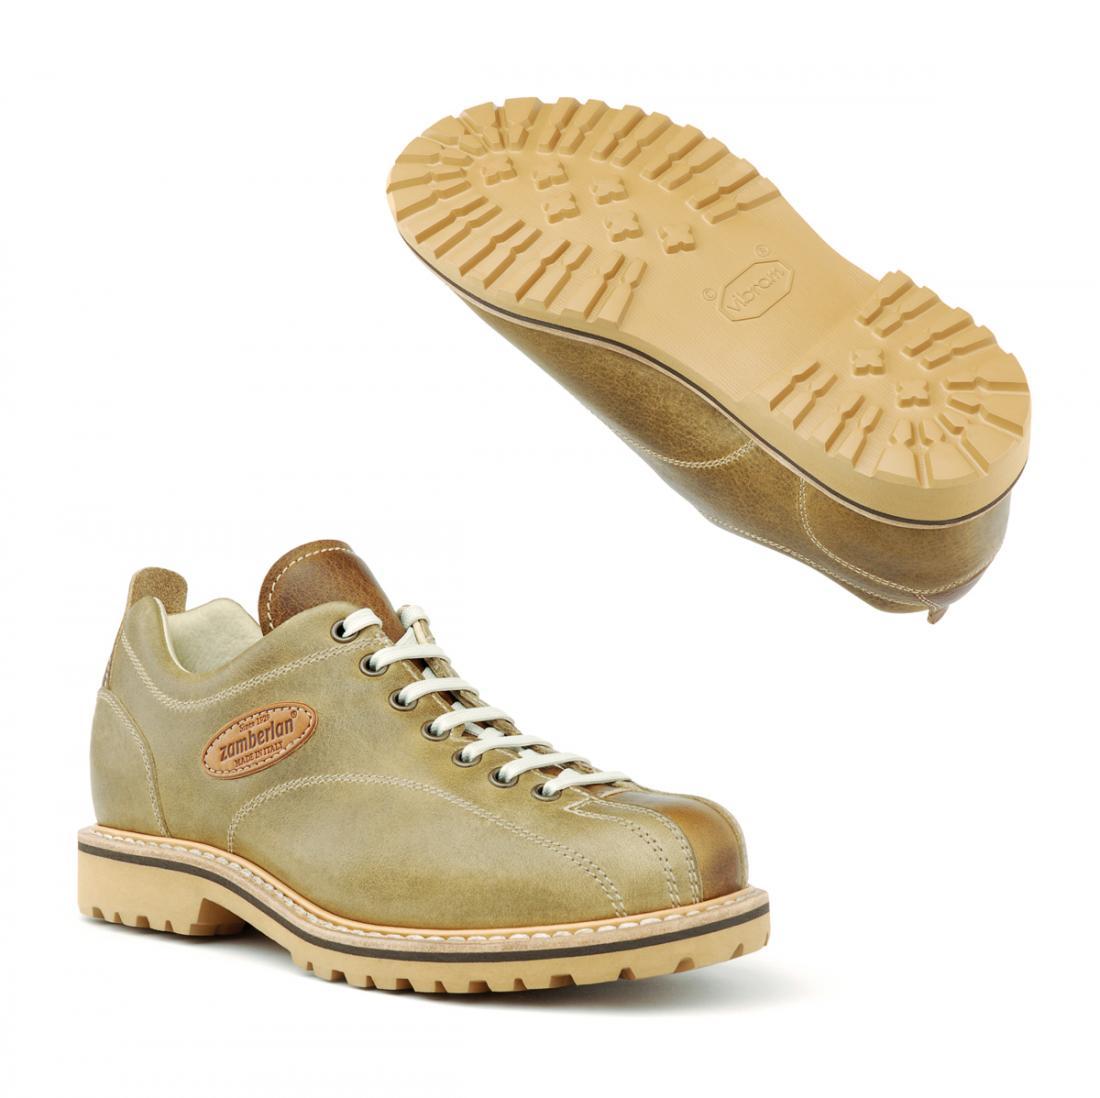 Ботинки 1120 CORTINA LOW GW WNSАльпинистские<br>Современные классические ботинки в городском стиле, созданные вручную мастерами Италии с применением специального метода конструкции Goodyear welted. Удобные и гибкие, они изготовлены с использованием уникальной конструкции обуви, мягкой телячьей кожи ...<br><br>Цвет: Бежевый<br>Размер: 38.5